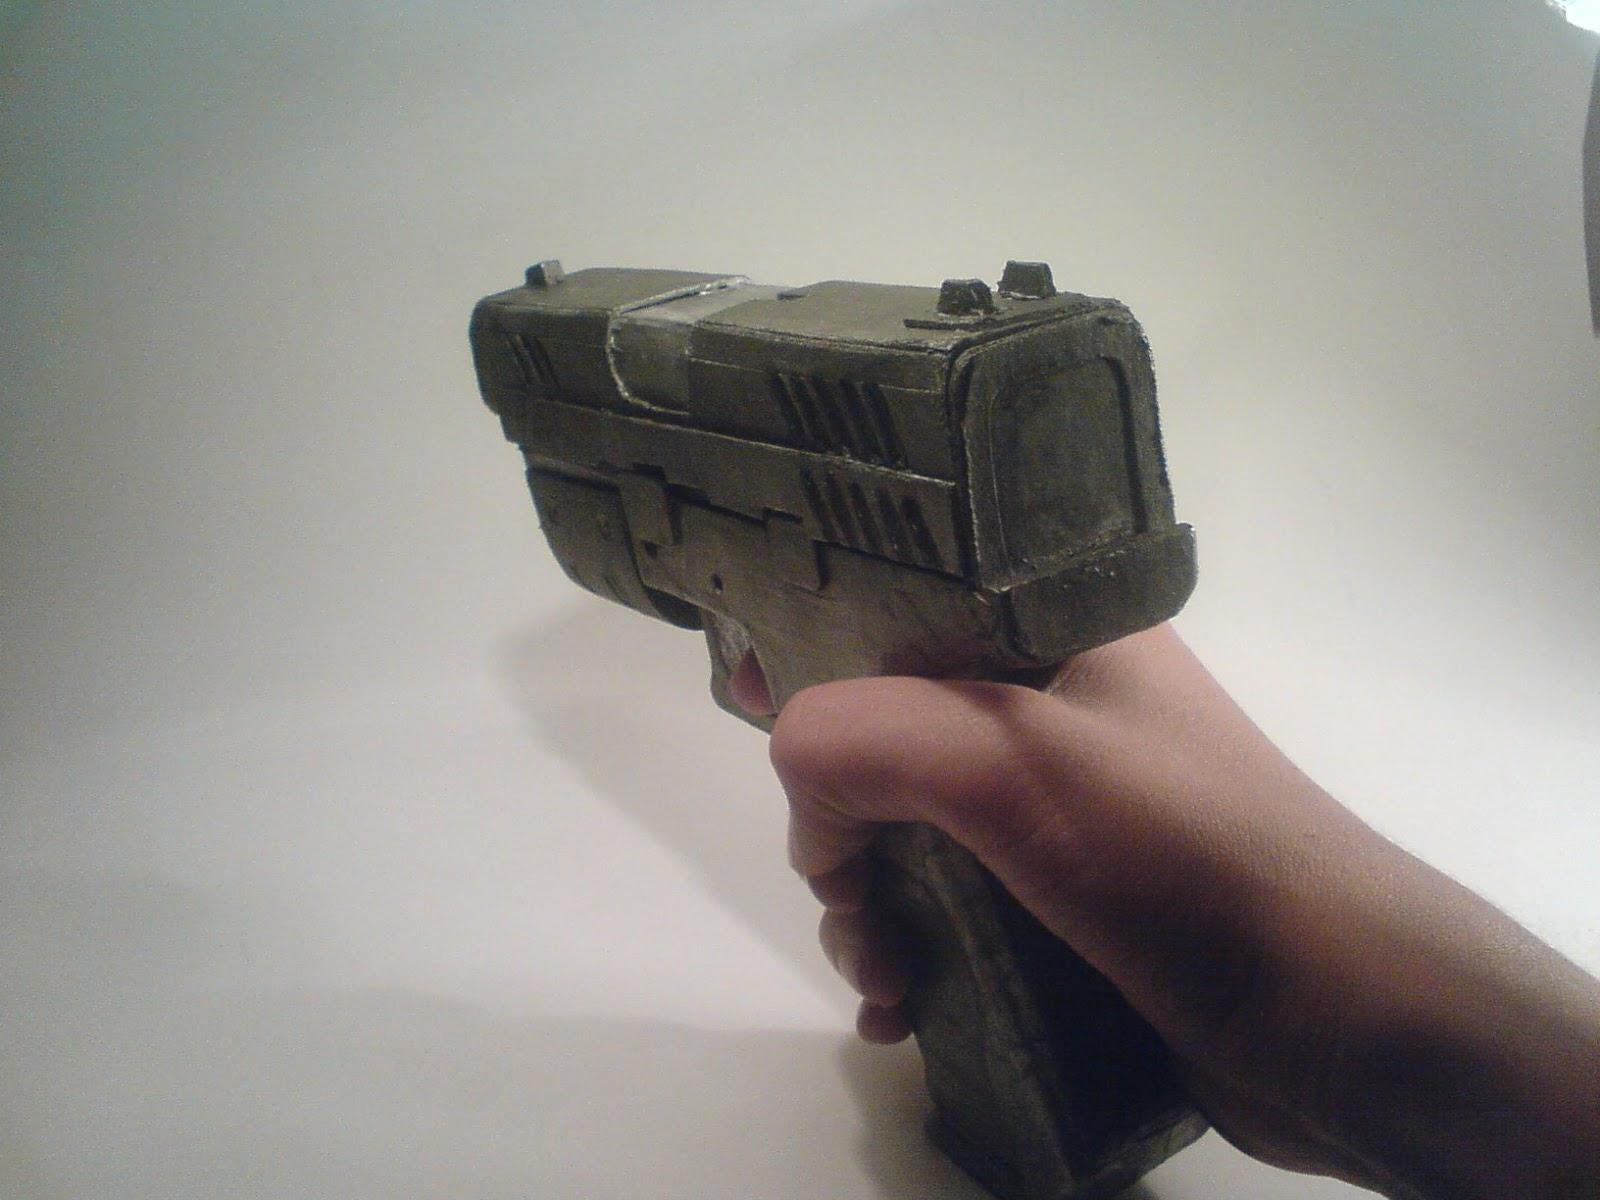 Pistola Blacktail - Resident Evil DSC04526